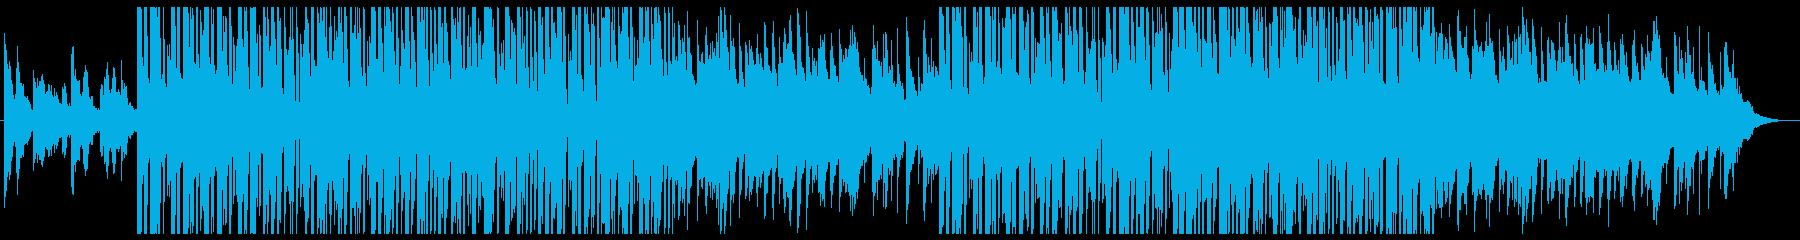 切ないローファイヒップホップ、チルアウトの再生済みの波形